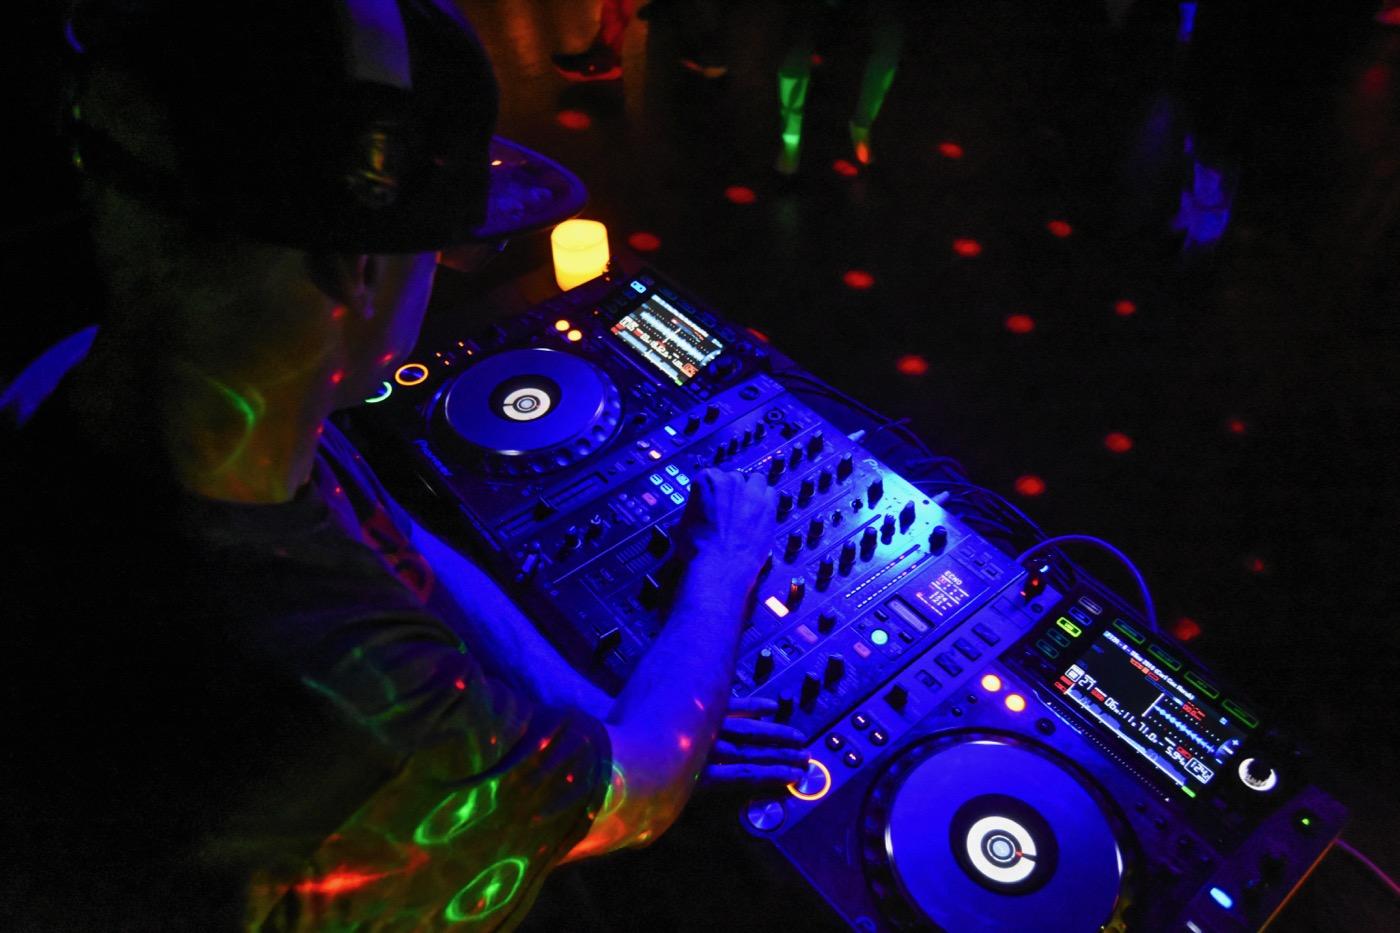 Dyrti Dan @ Pig & Whistle 3/22/18. Photo by Constantin Preda (@ctpredaportraits) for www.BlurredCulture.com.